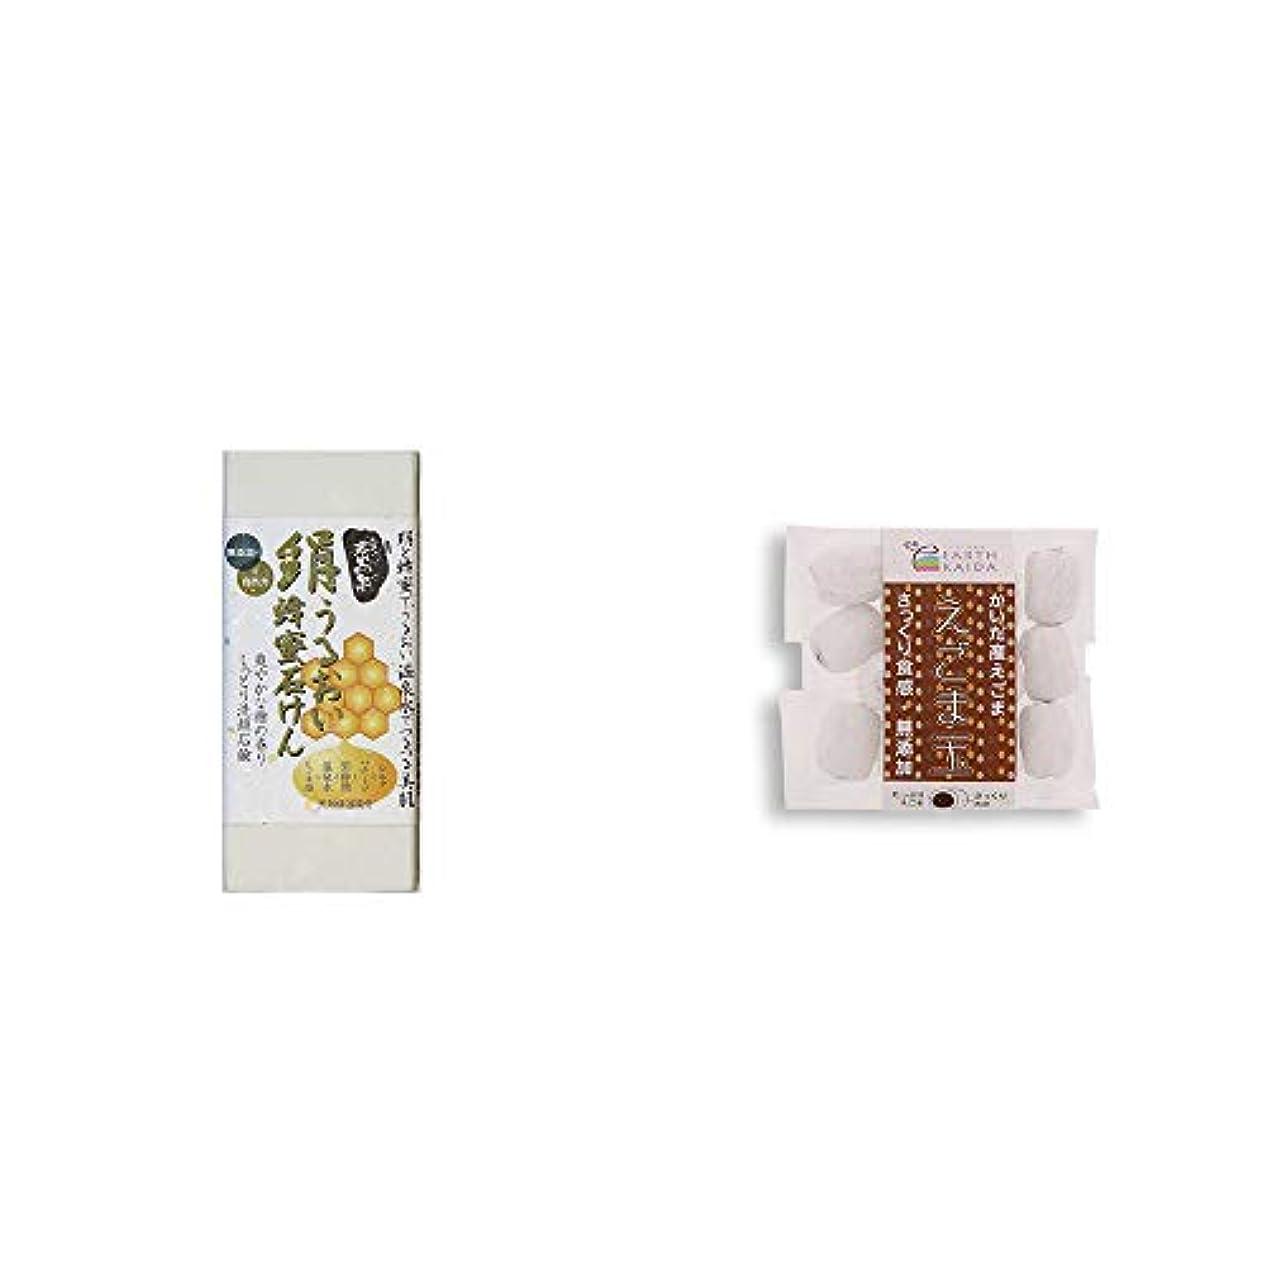 出発する定常いとこ[2点セット] ひのき炭黒泉 絹うるおい蜂蜜石けん(75g×2)?開田産えごま使用 えごま玉(100g)